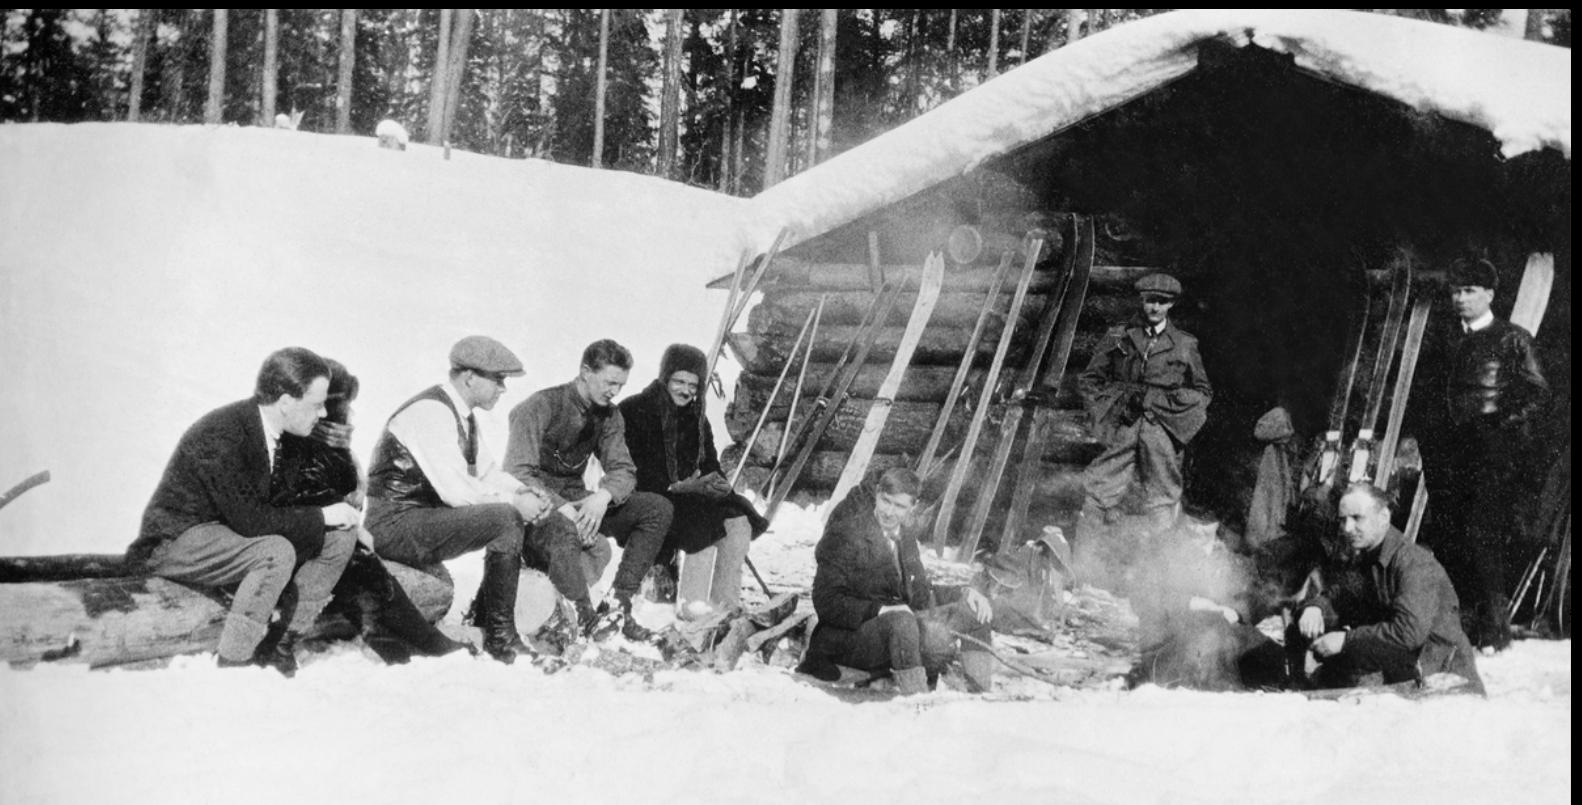 Скандинавы, работавшие на лесопилках в начале 1900-х годов, держались вместе, регулярно катаясь на лыжах